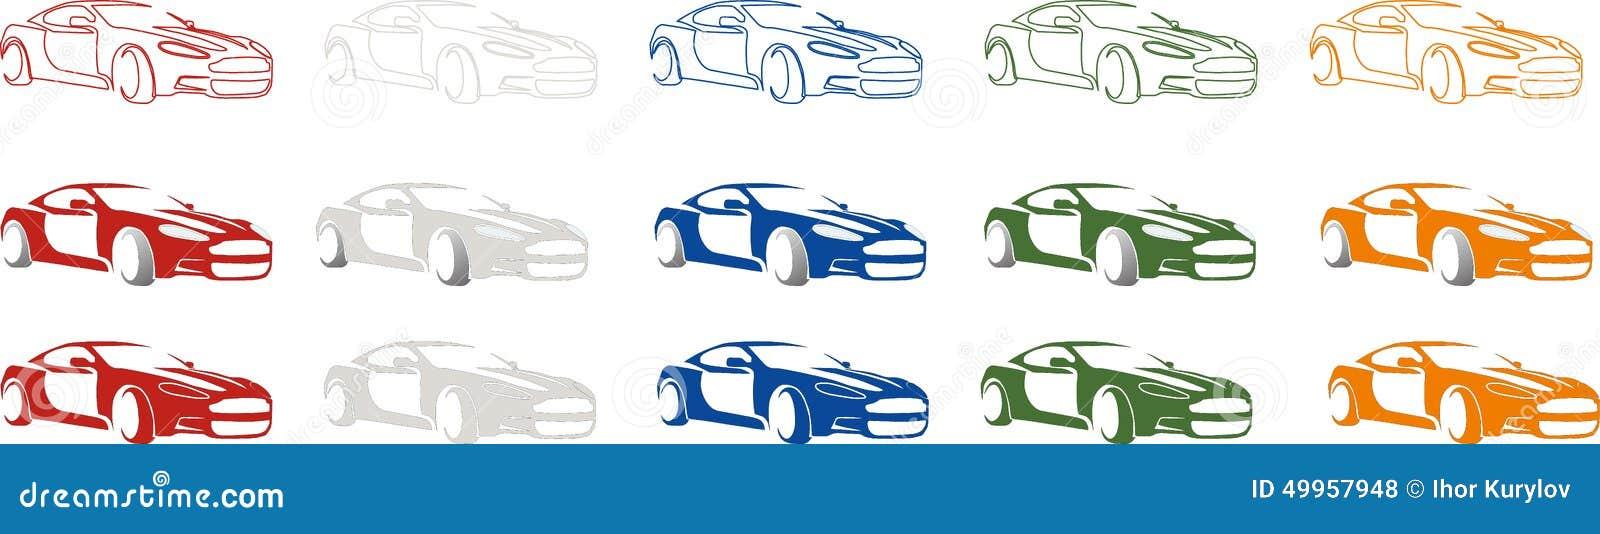 sport de luxe logo rapide de voiture de ville illustration de vecteur image 49957948. Black Bedroom Furniture Sets. Home Design Ideas